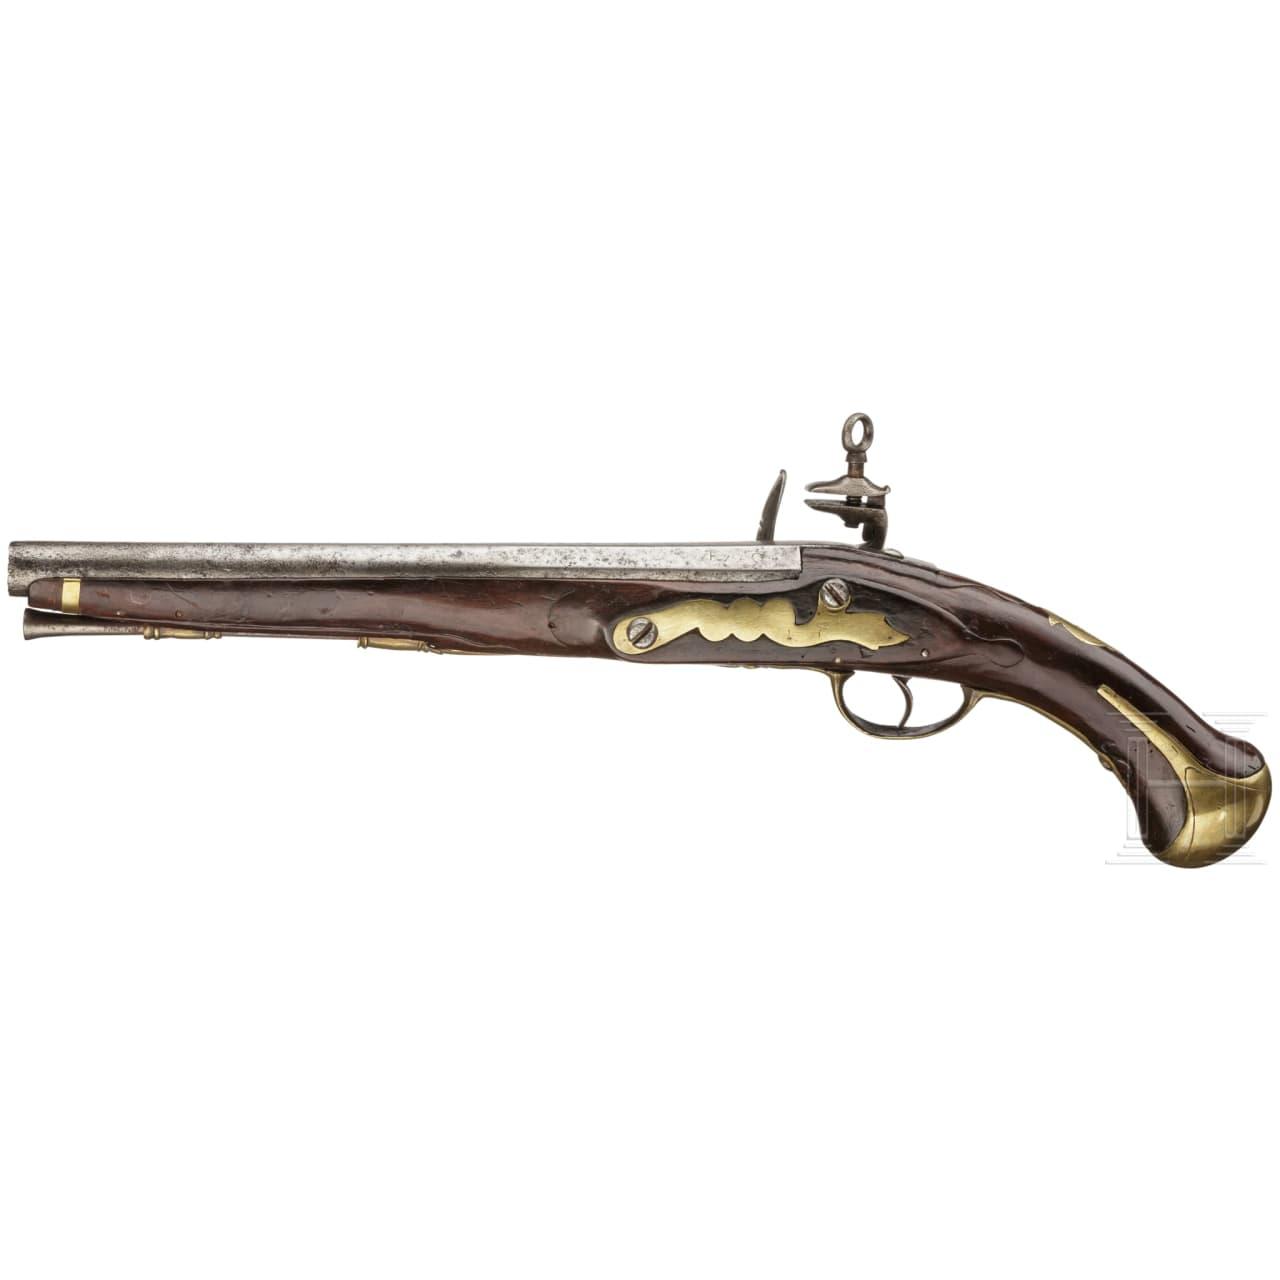 Kavallerie-Steinschlosspistole Mod. 1753, Fertigung 1782